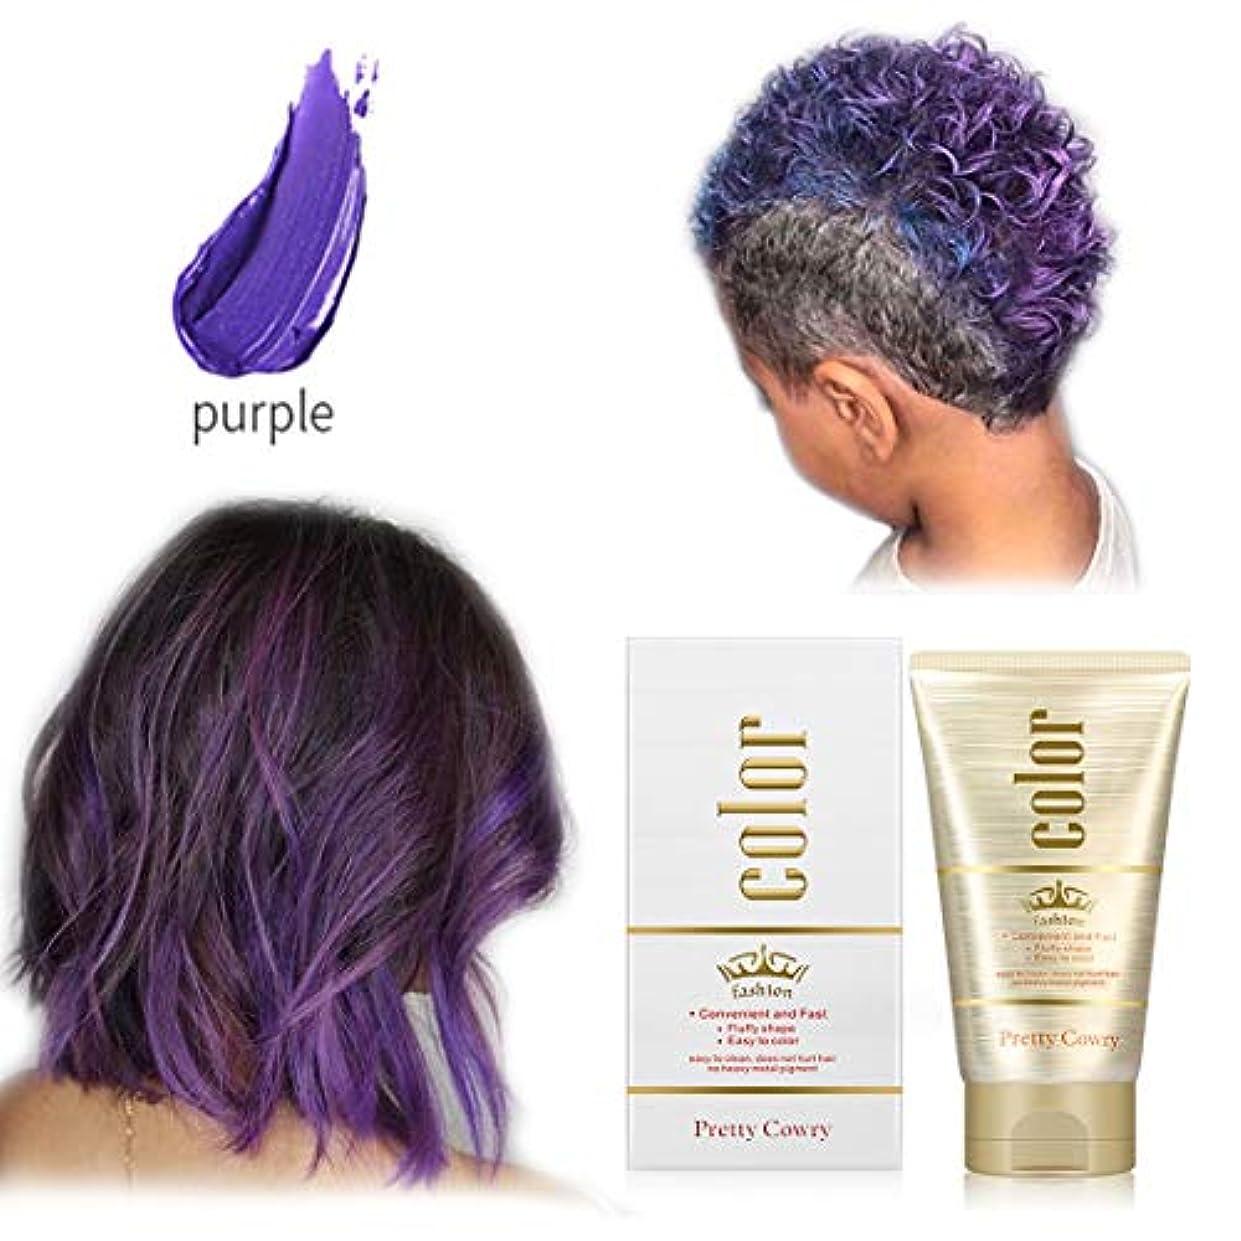 ライム侵入蒸気染めヘアワックス、ワンタイムカラースタイリング、スタイリングカラーヘアワックス、ユニセックス9色、diyヘアカラーヘアパーティー、ロールプレイング (Purple)